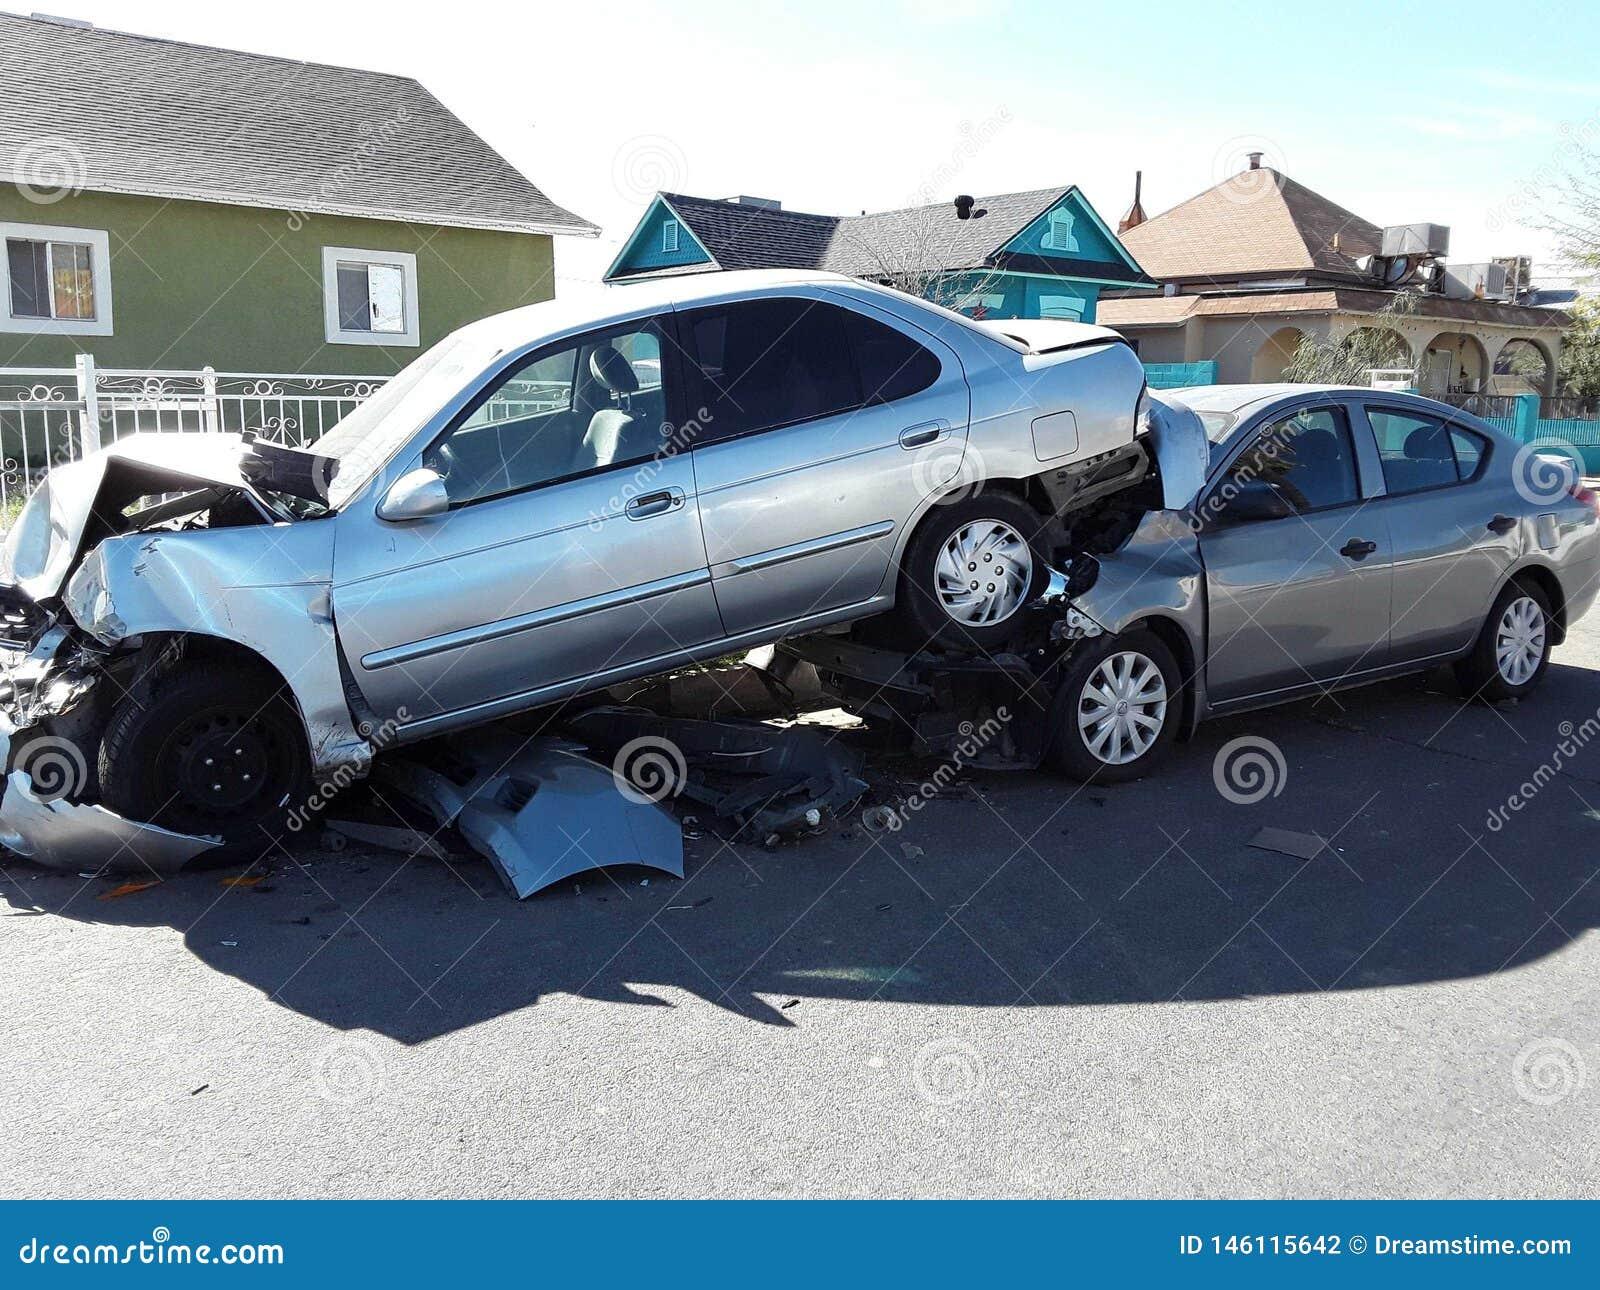 Någon slågen bil som överst sätter det av annan bil